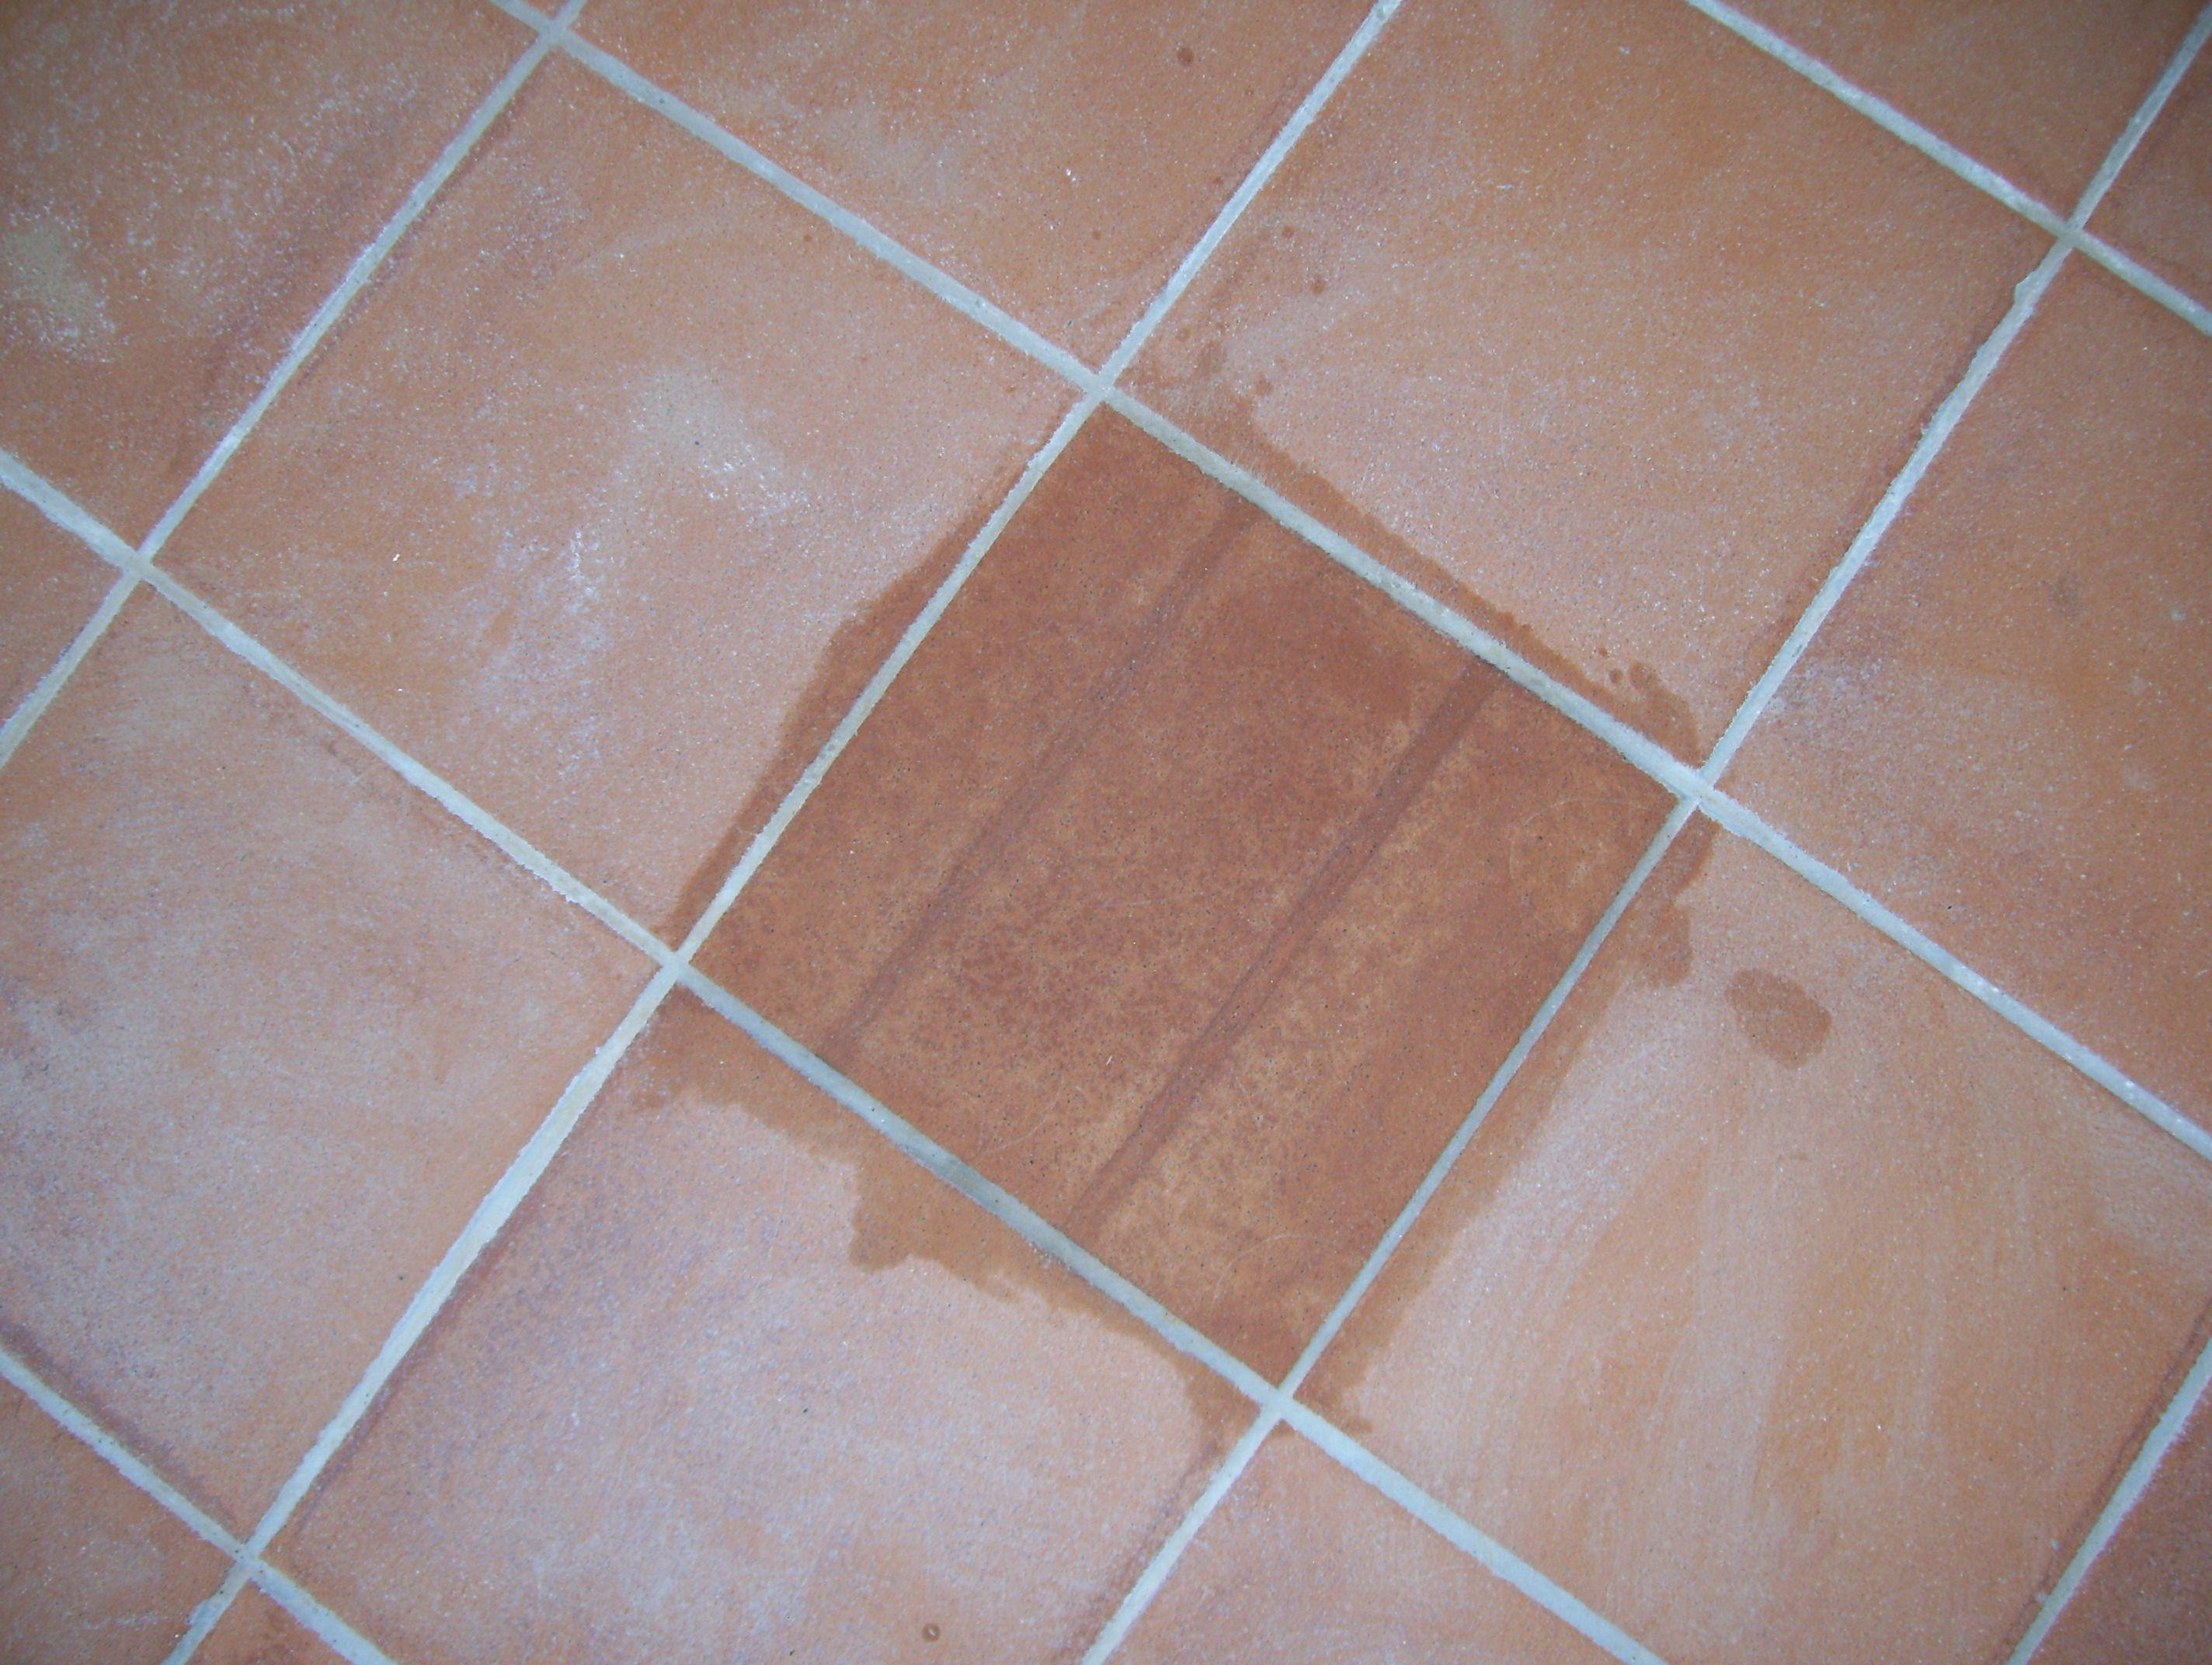 Prodotti Per Pulire Cotto Esterno pavimento in cotto   pavimenti in cotto, pulito, pavimenti